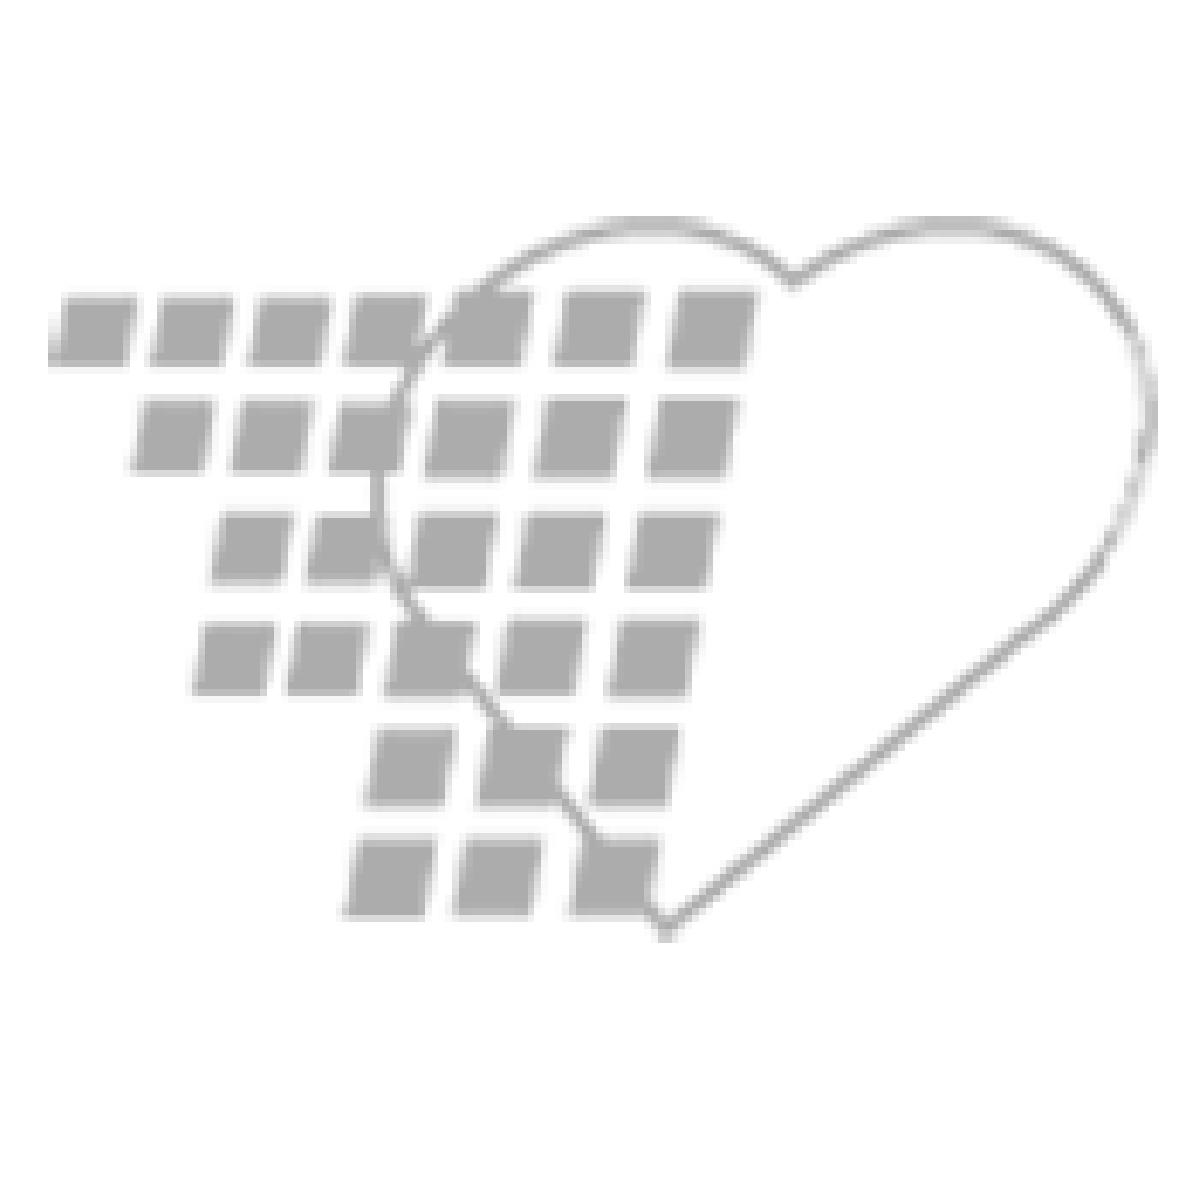 06-93-0427 Demo Dose® Lipds 20%  500mL